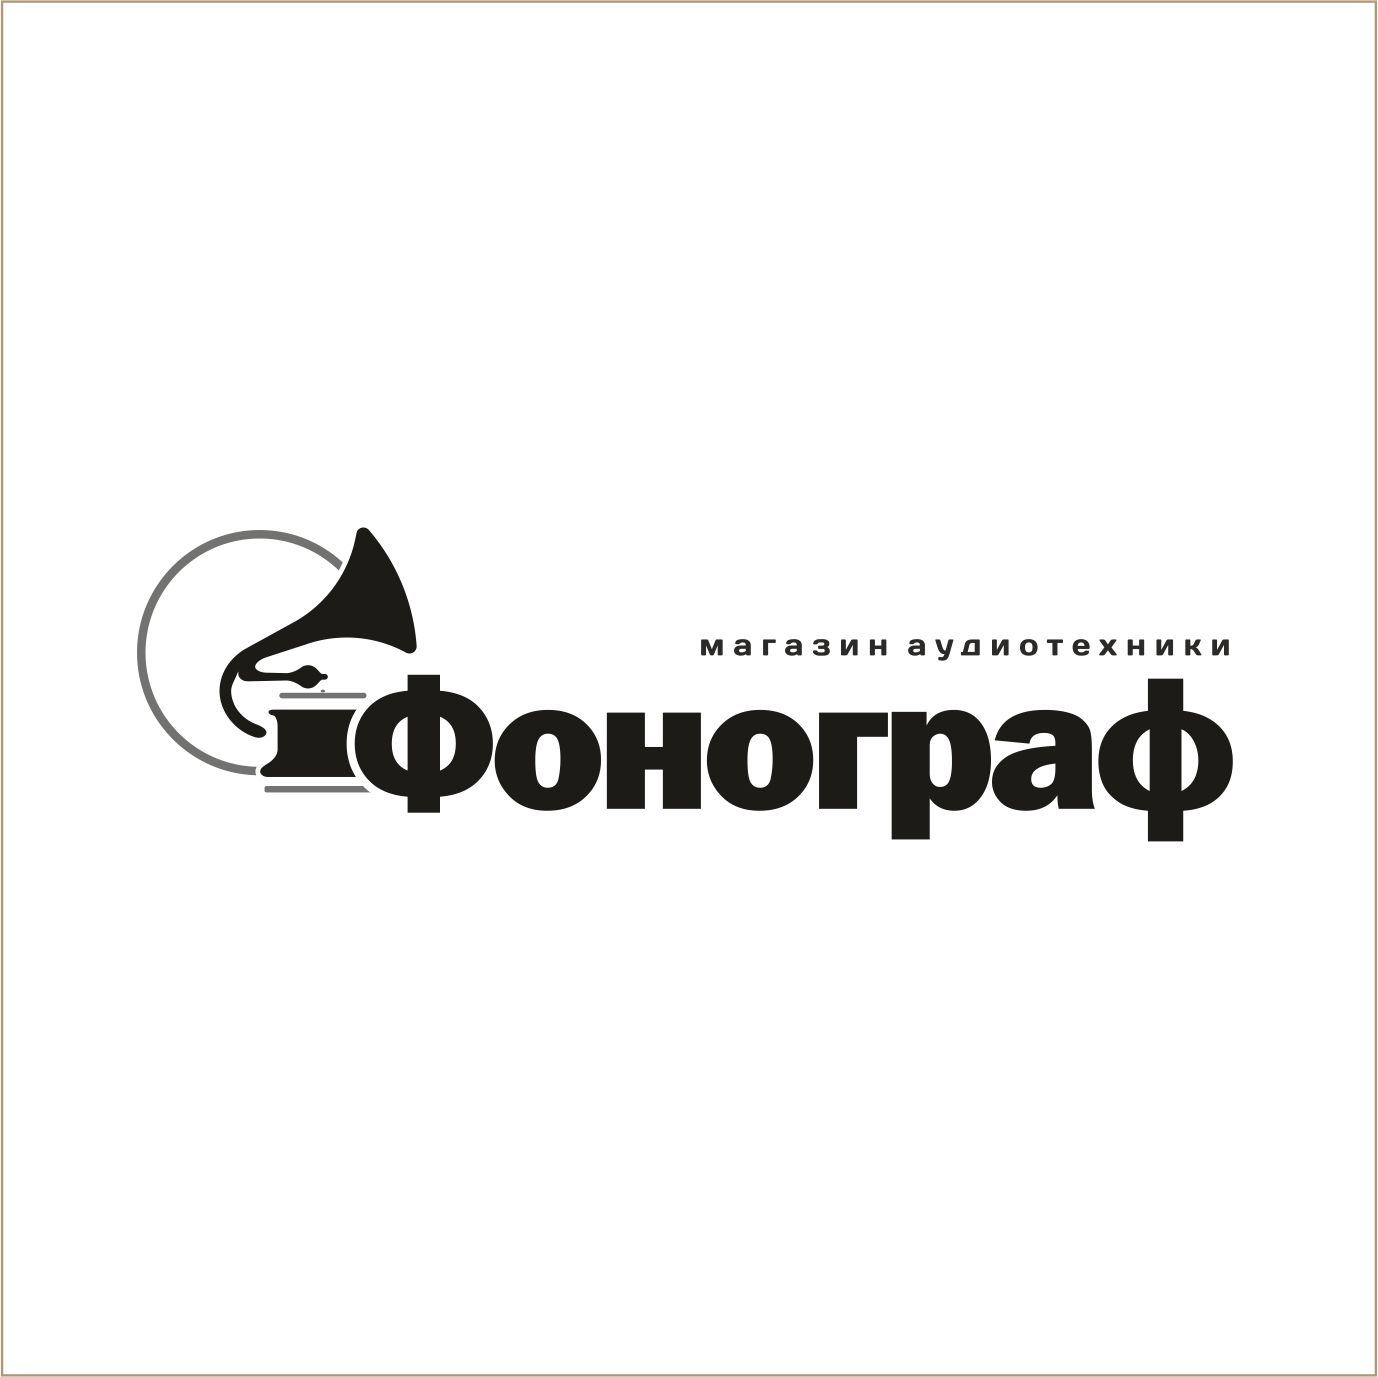 Лого и ФС для магазина аудиотехники - дизайнер Stan_9